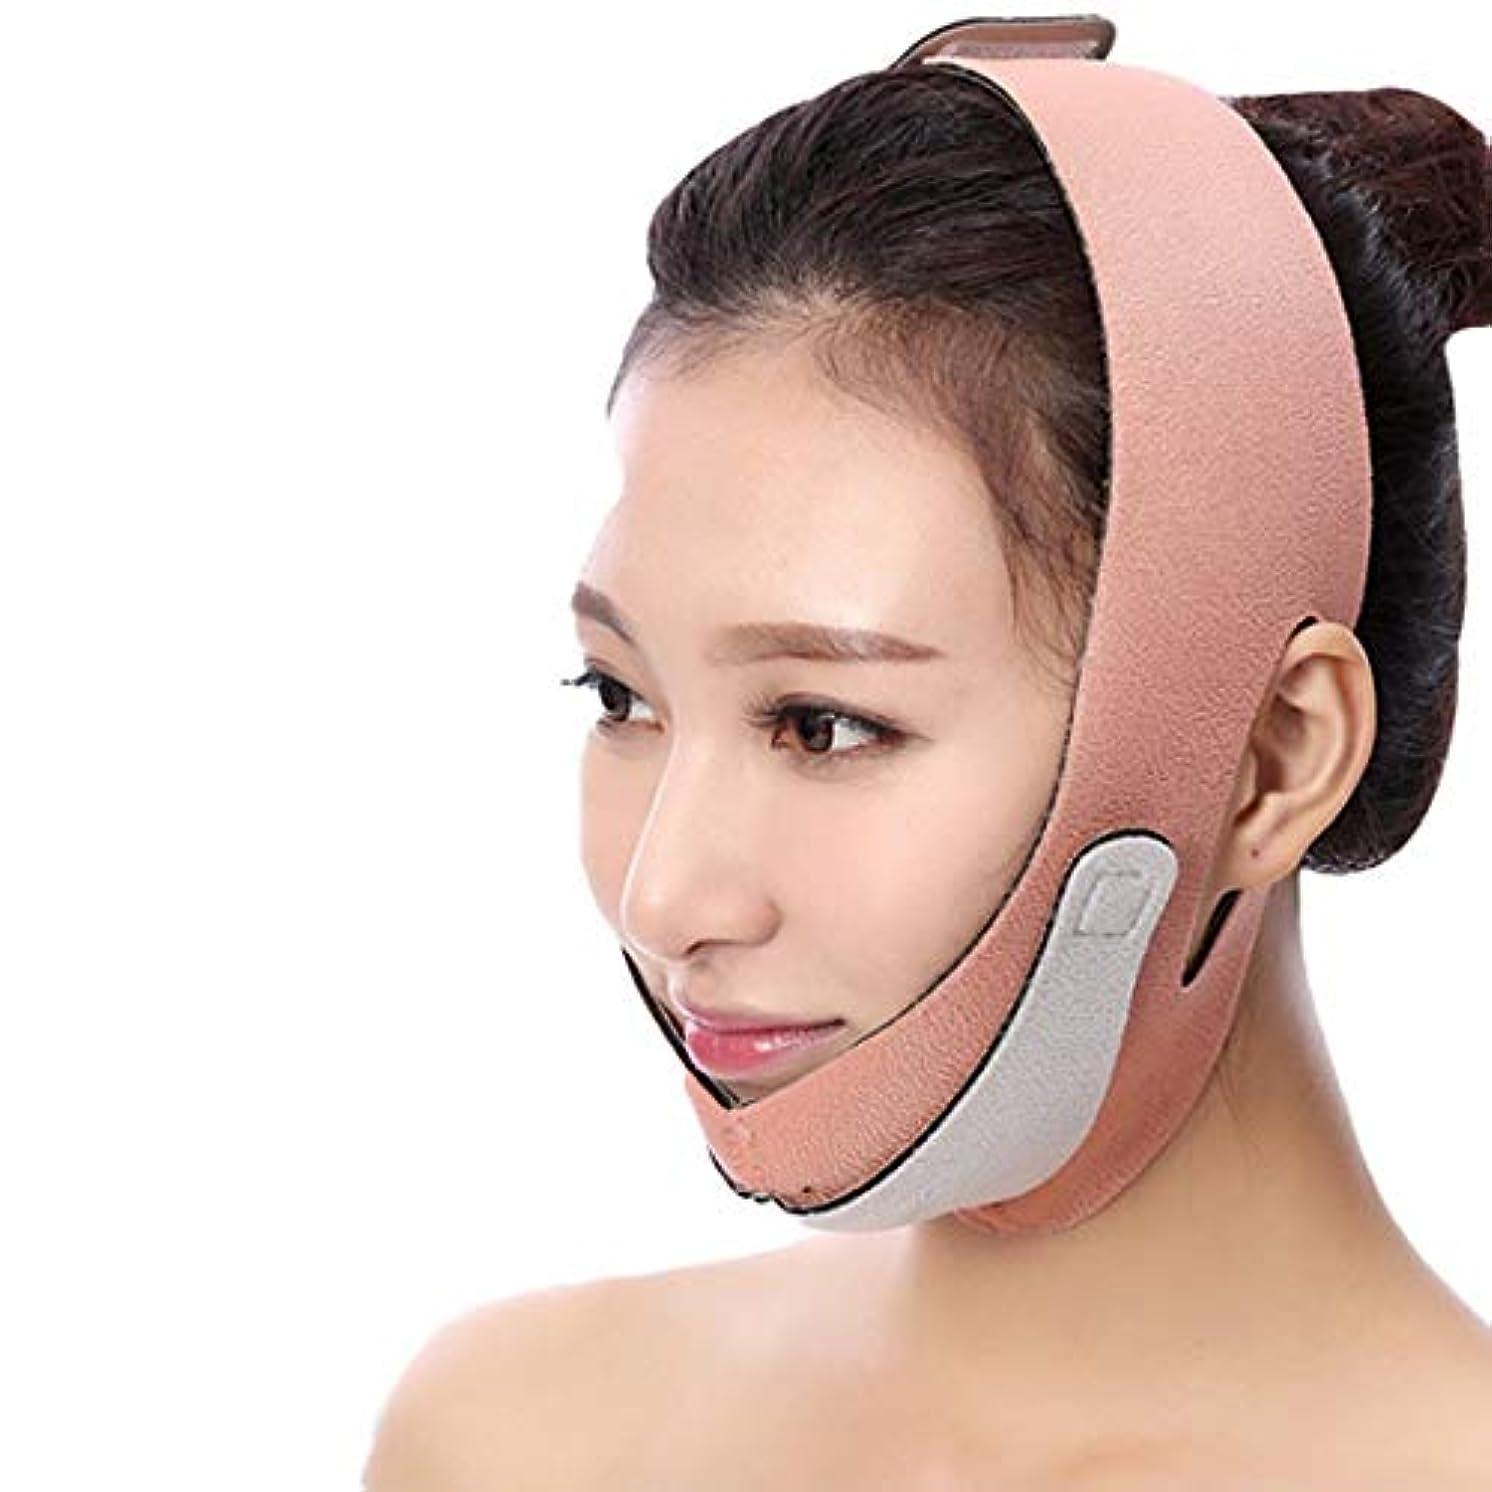 激怒夕食を作る額ZWBD フェイスマスク, 調節可能なVのラインライン包帯の顔の二重あごの減量の包帯が付いている表面持ち上がる包帯の顔の細くのマスクの持ち上がる表面